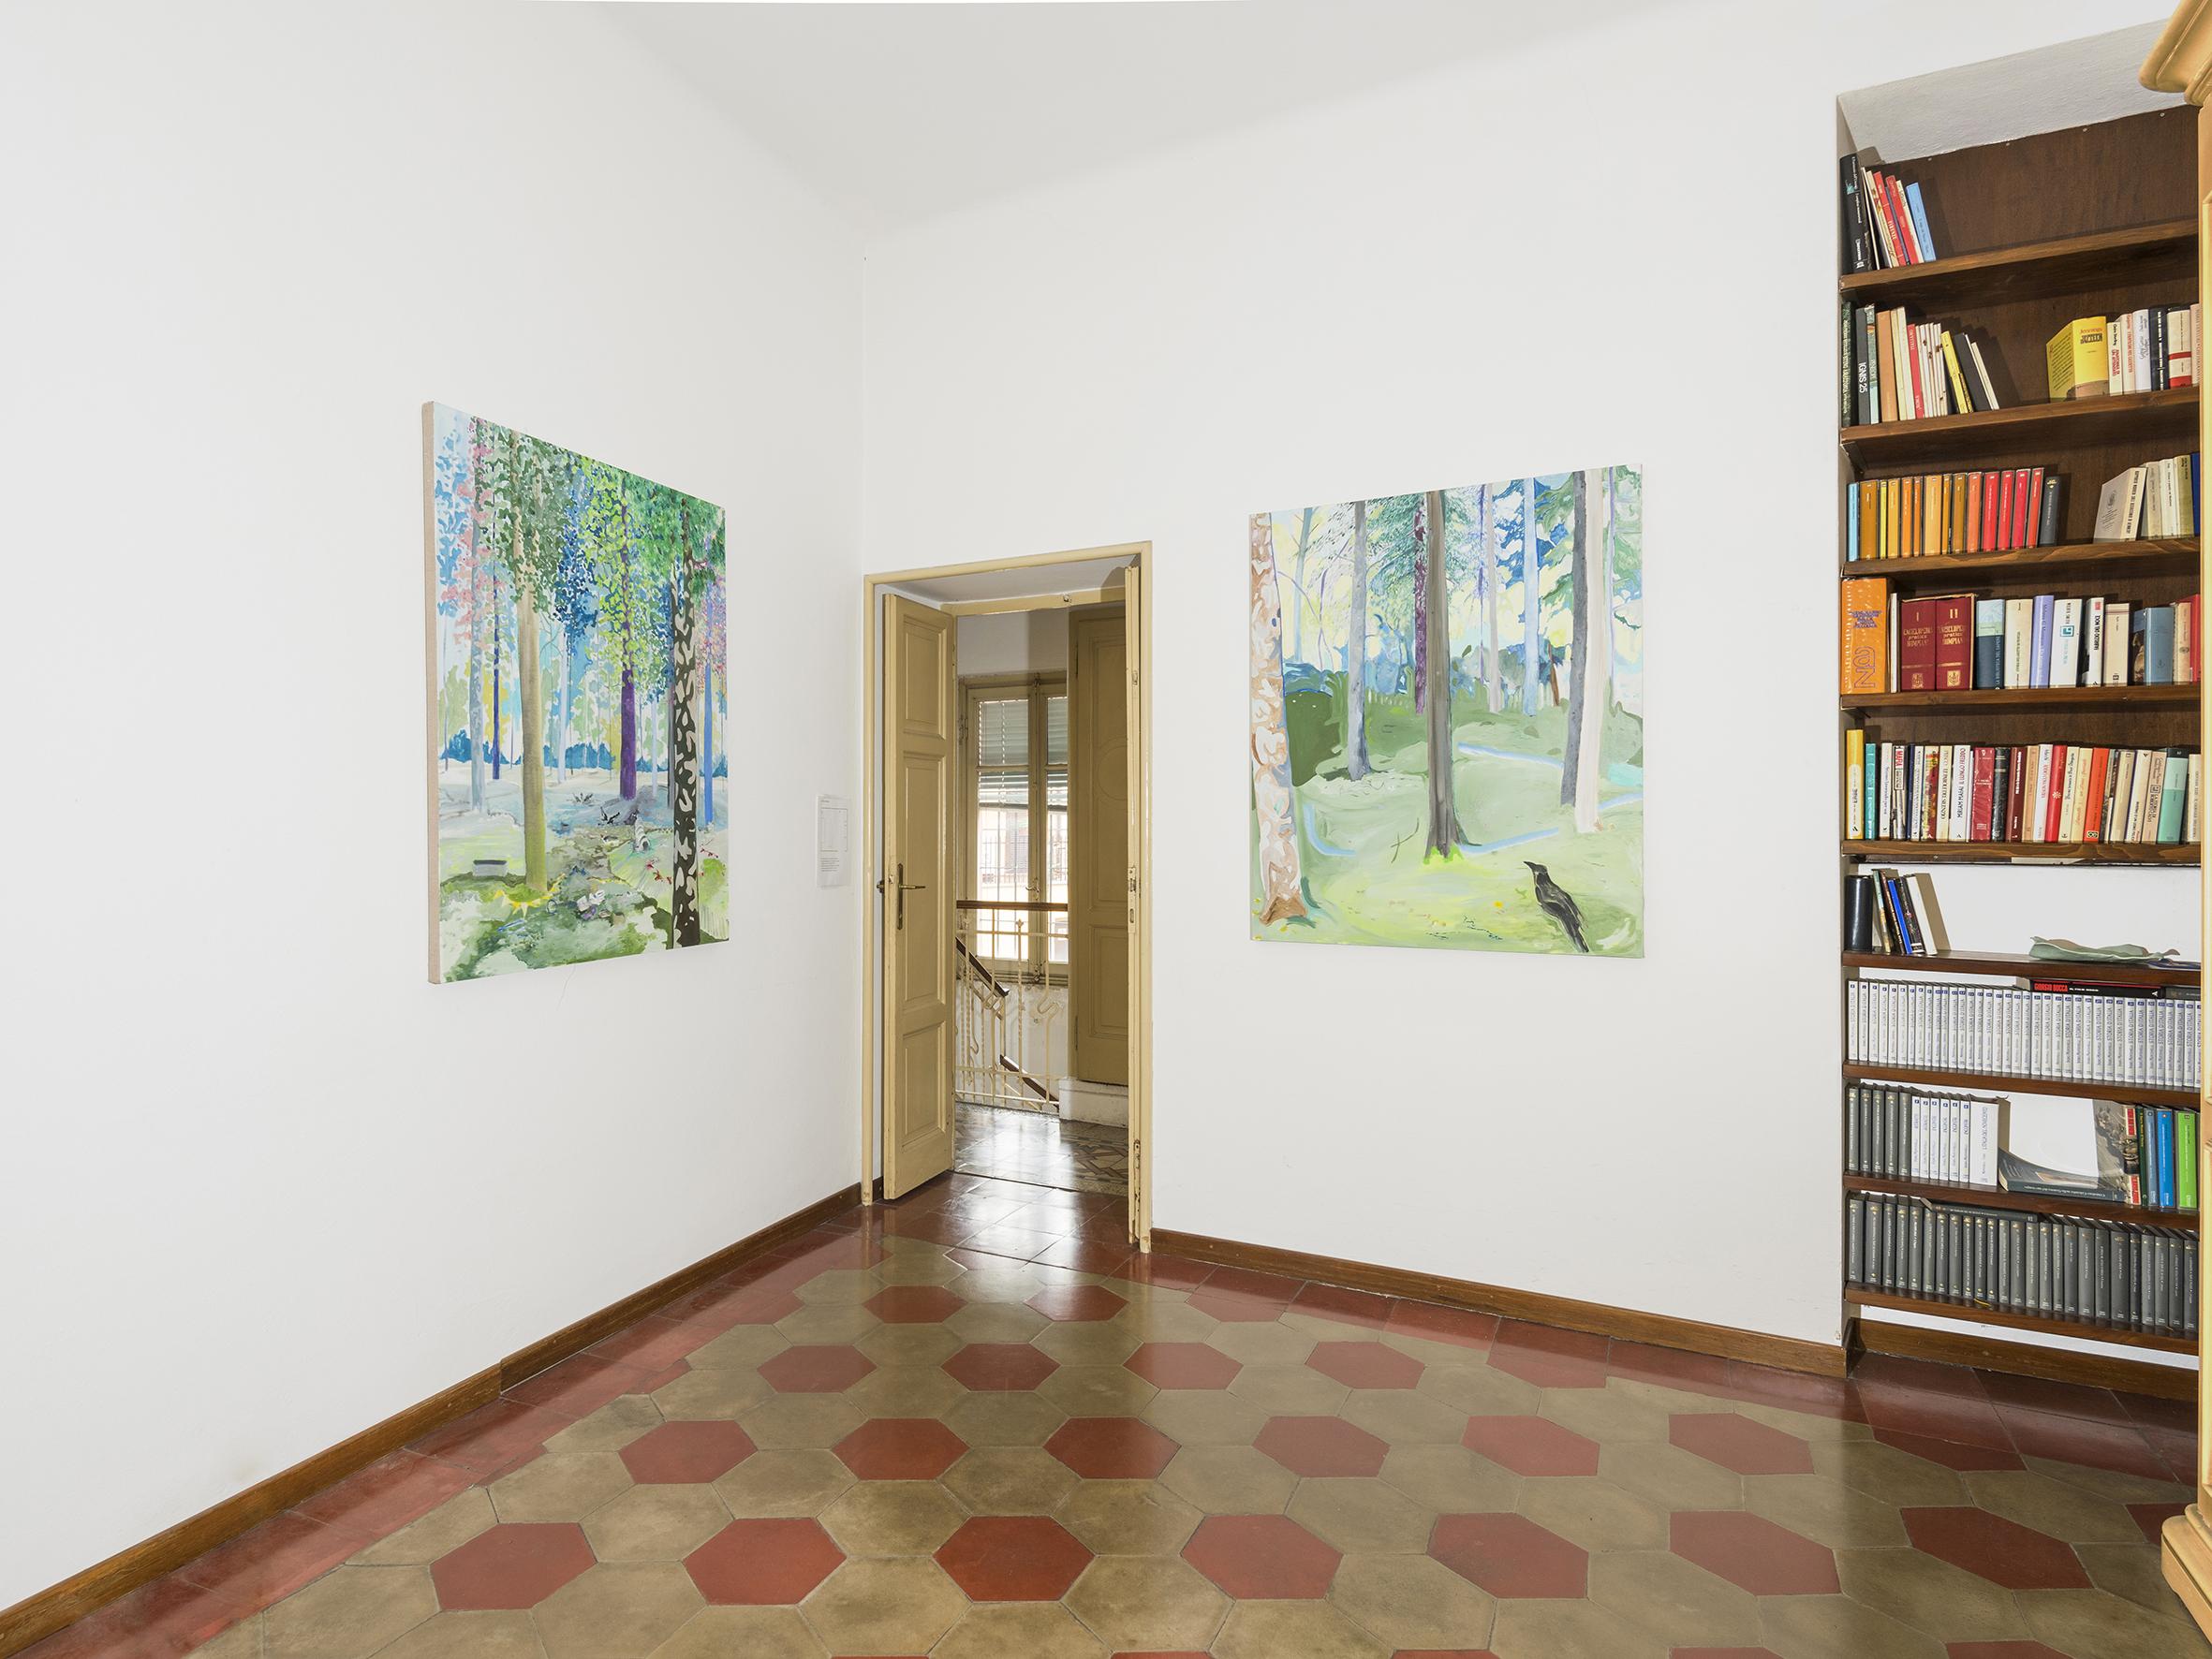 Vera Portatadino The Sun is the Same, exhibition view, photo by Cosimo Filippini